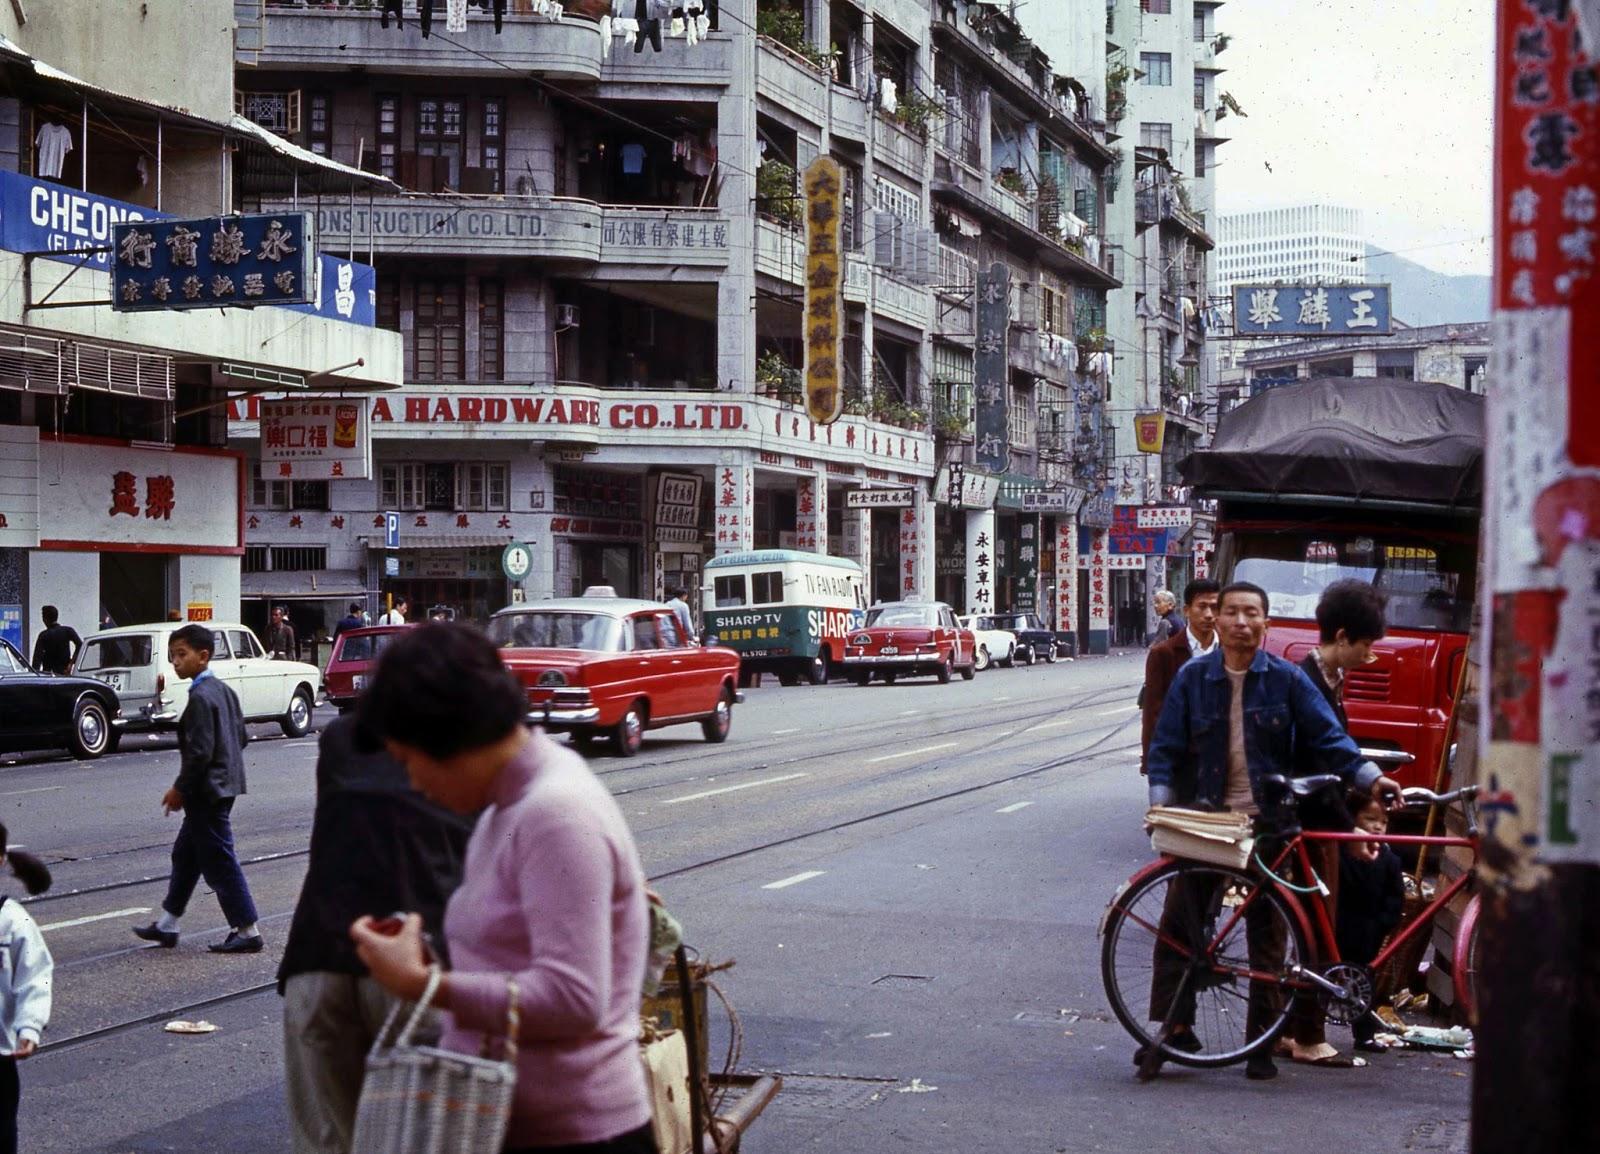 Busy Hong Kong Street, Mercedes Cabs and bicycles -  Hong Kong 1969